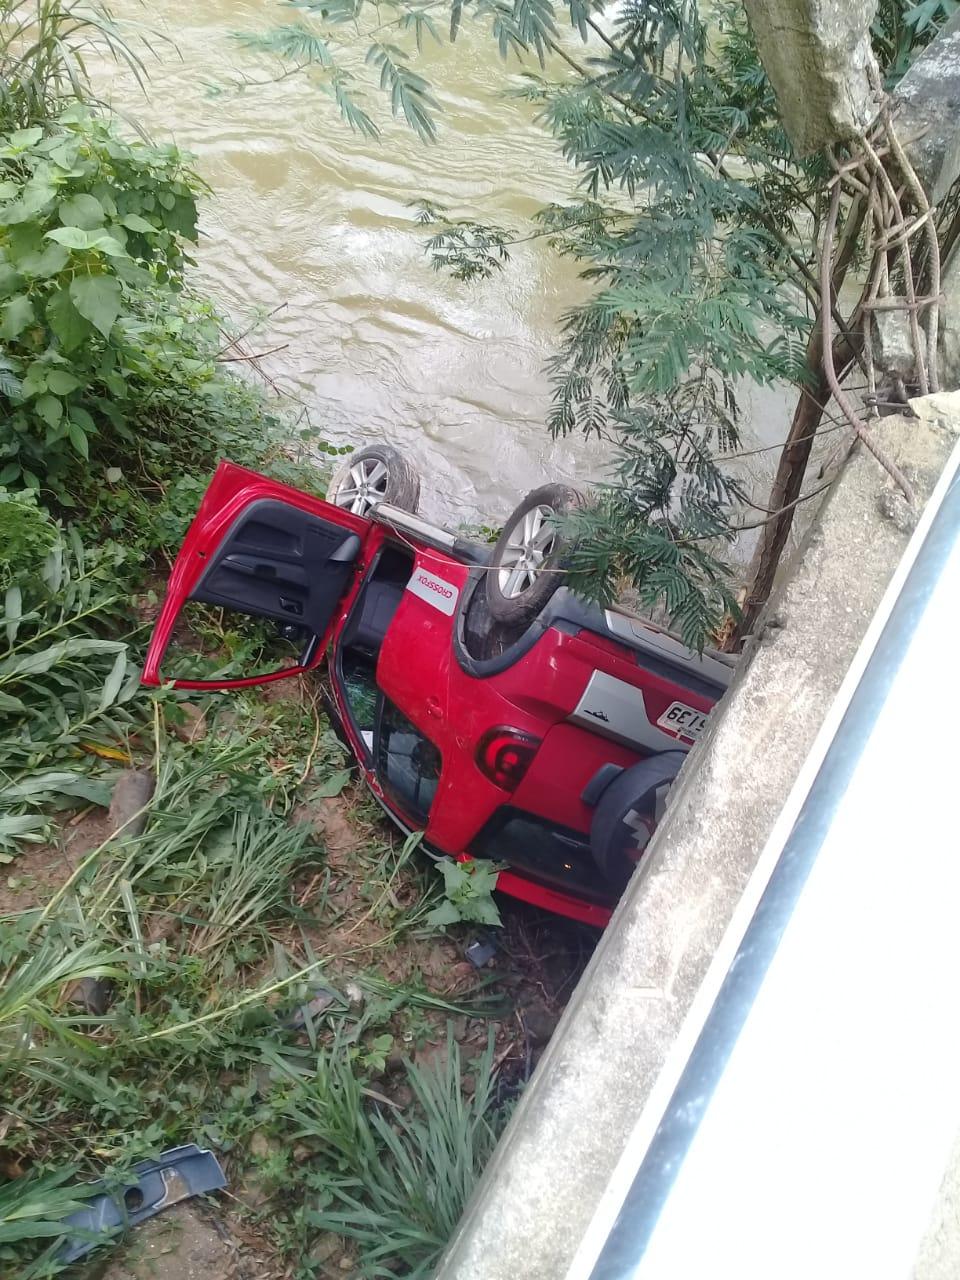 O carro caído às margens do Rio Macaé (Fotos de leitor)